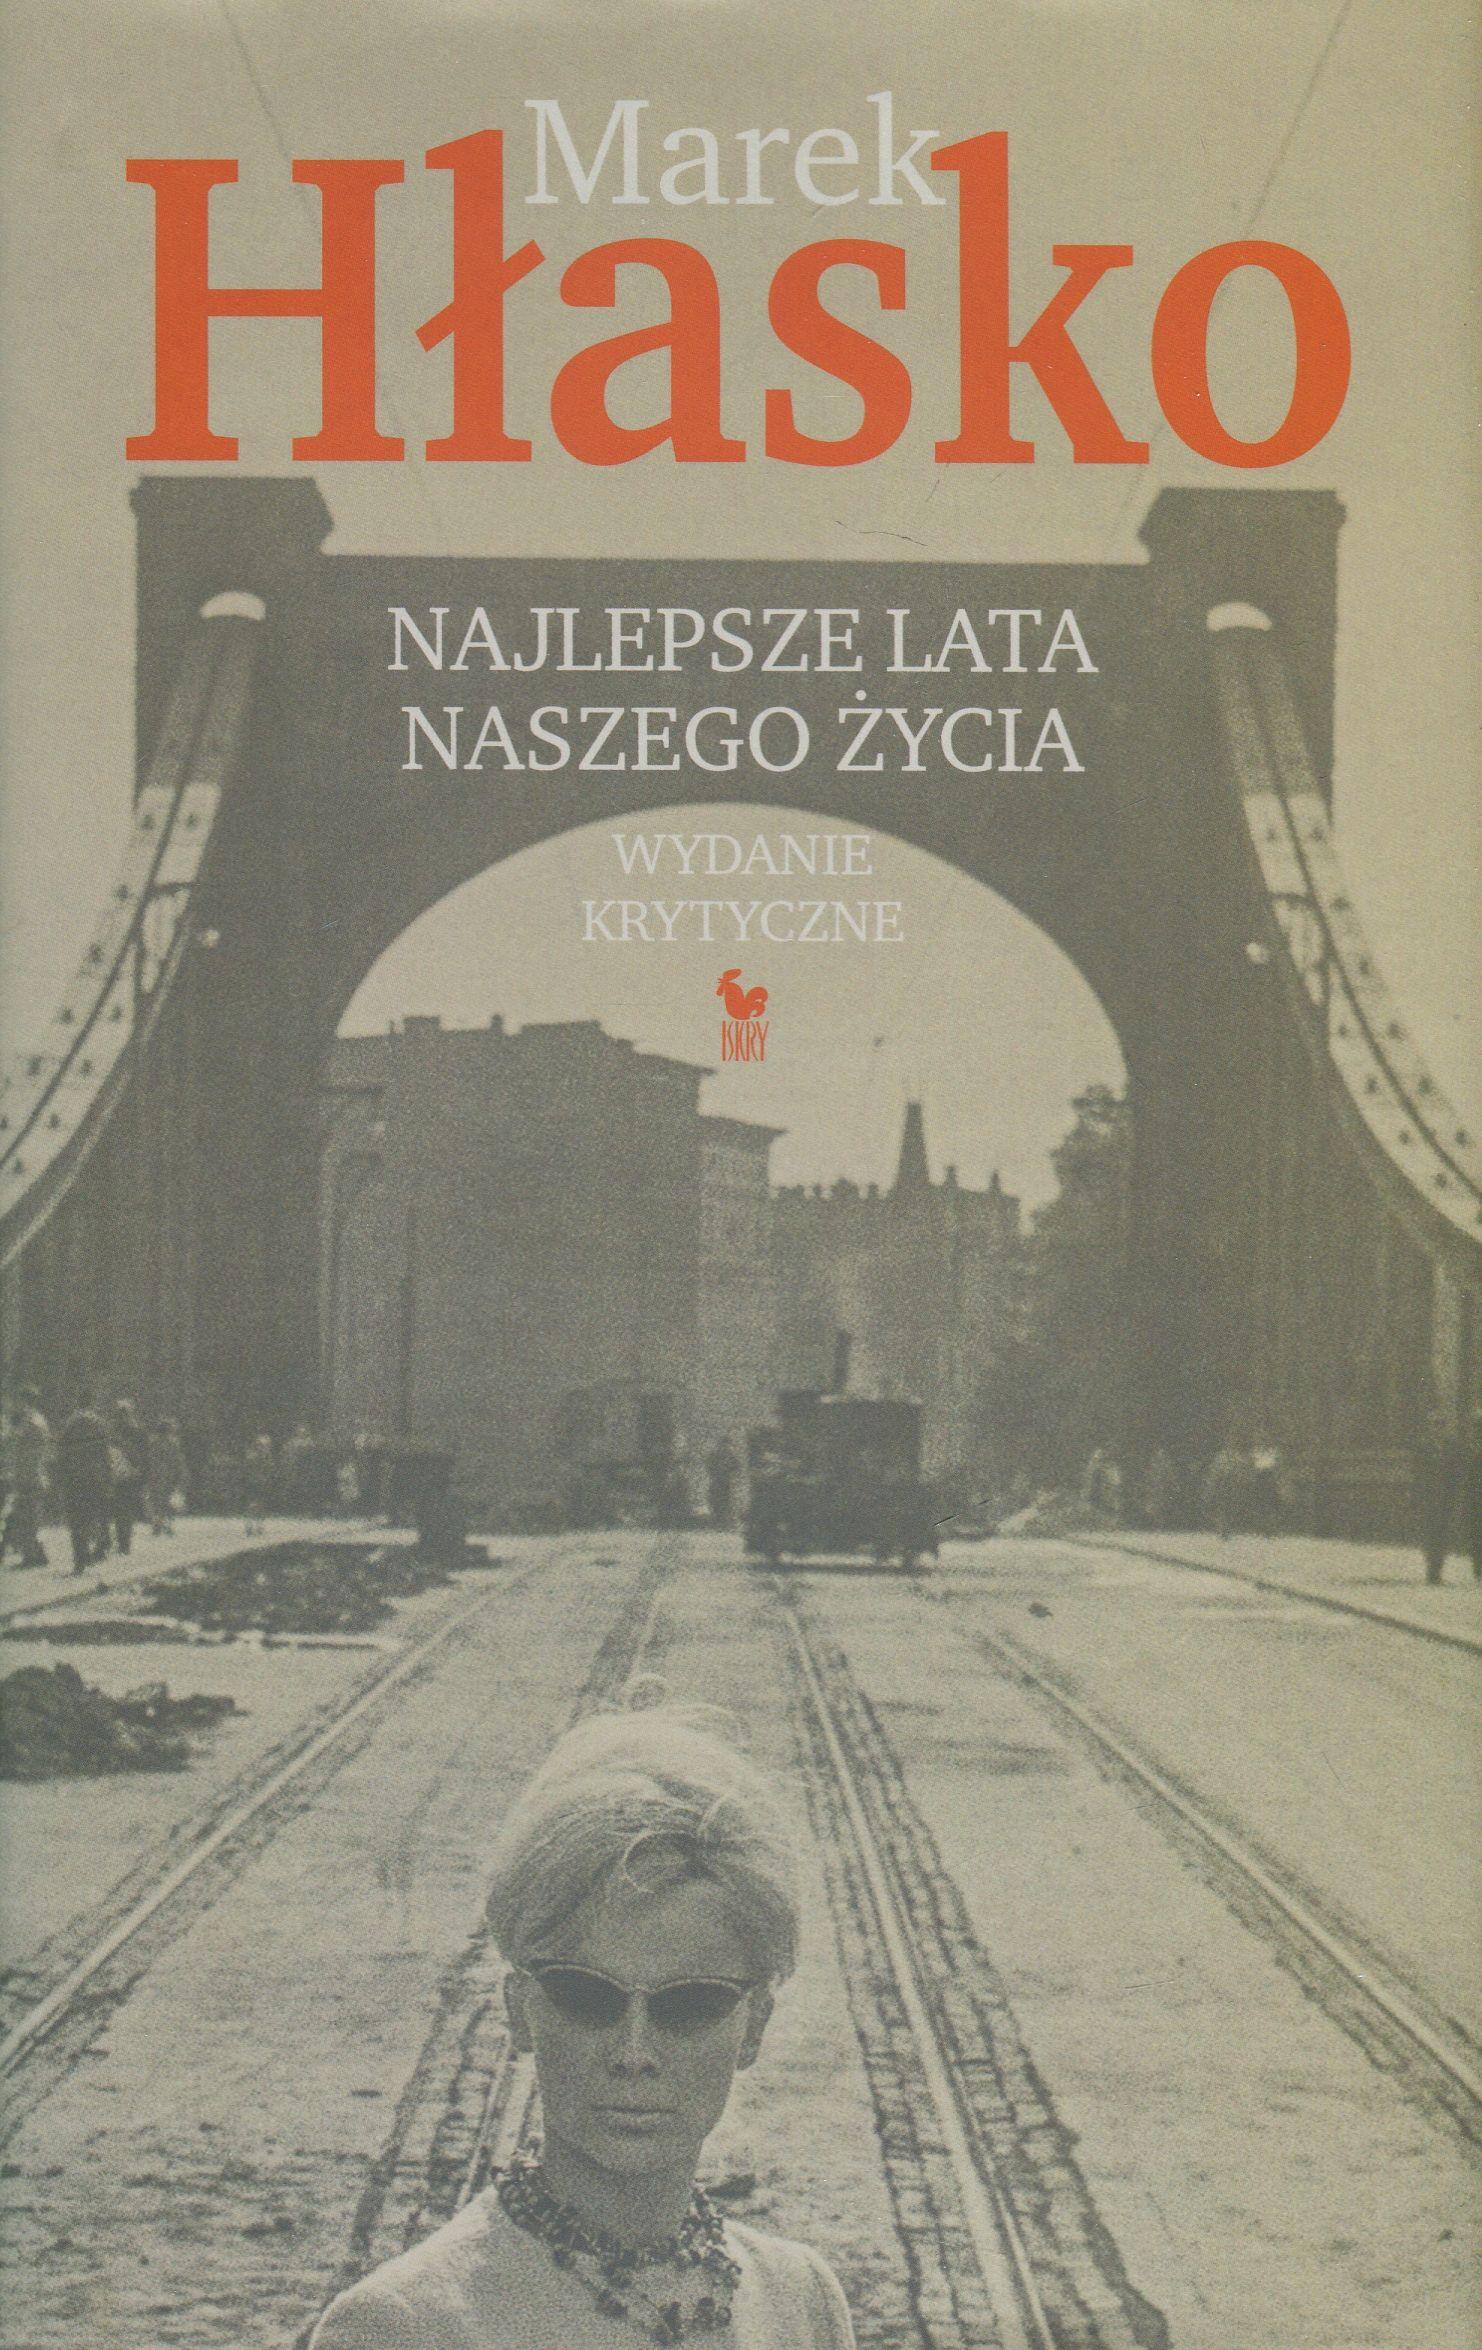 Marek Hłasko - Najlepsze lata naszego życia. Wydanie krytyczne (oprawa twarda)